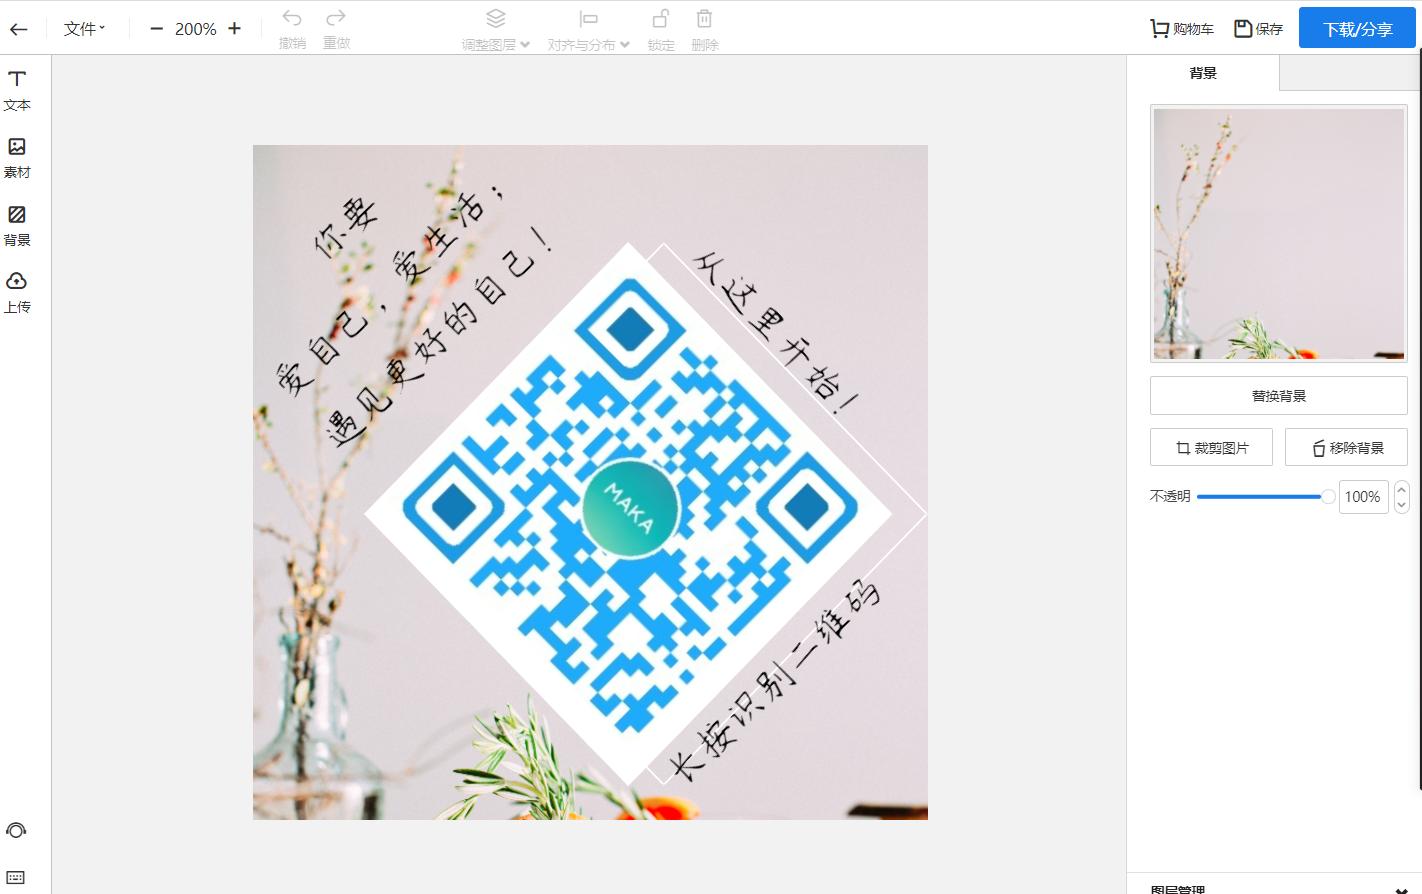 微信二维码设计教程 微信二维码抽奖怎么做得好看